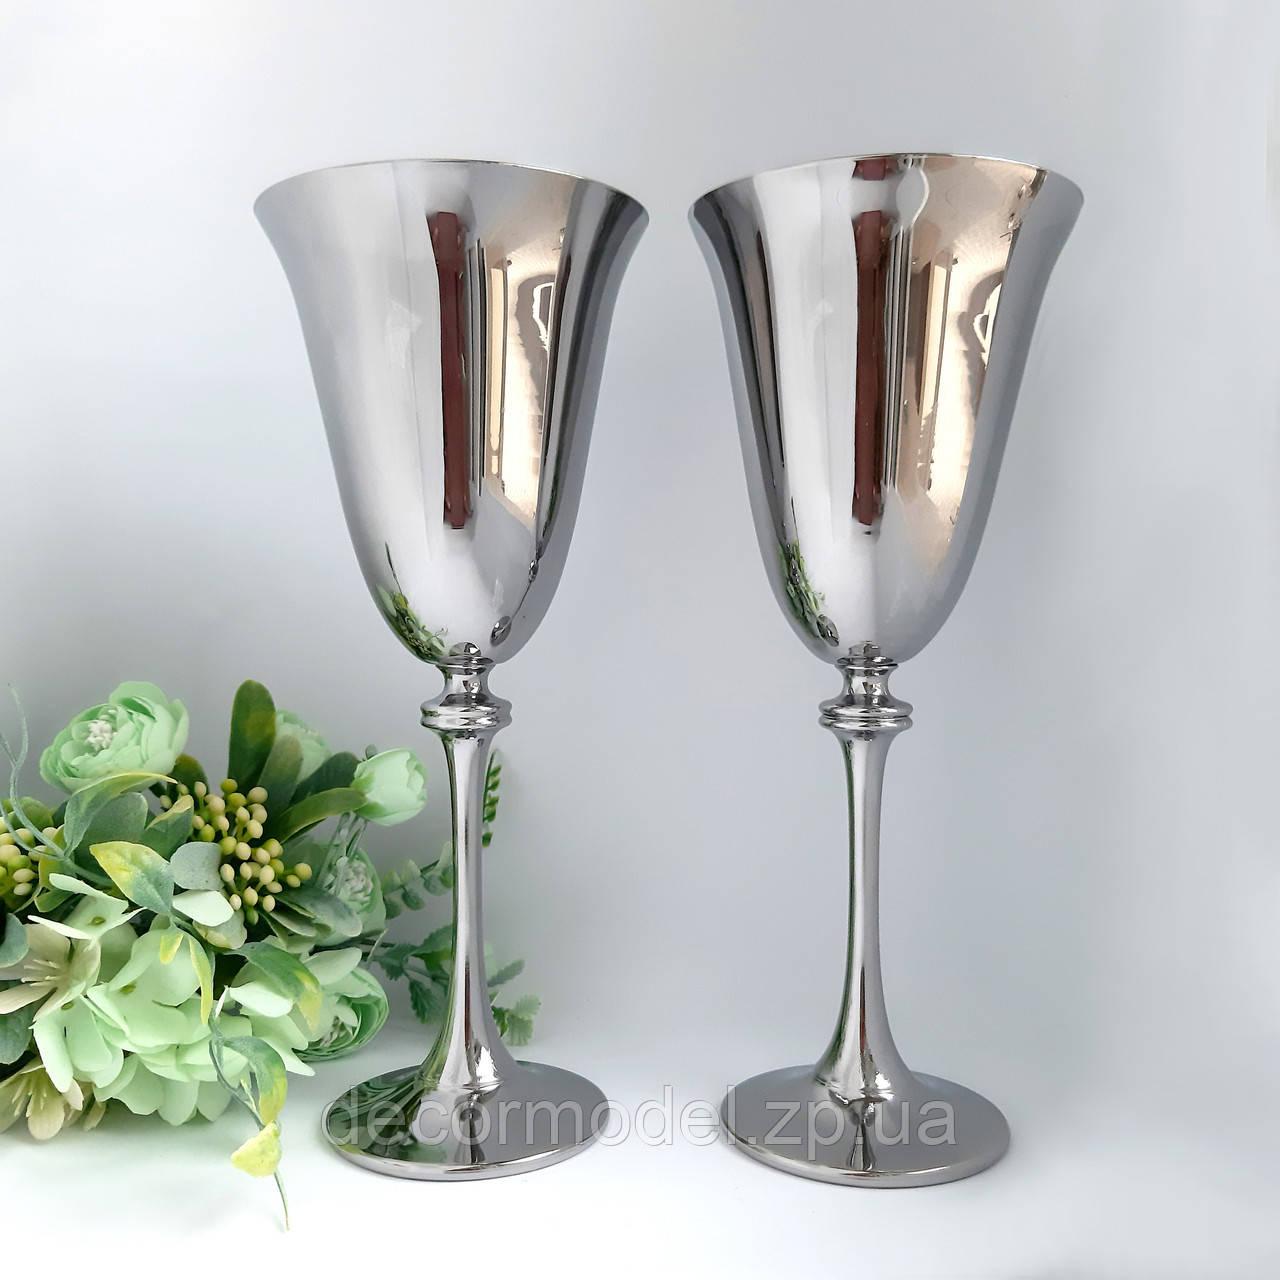 Набор бокалов для вина Bohemia Asio 350 мл хром